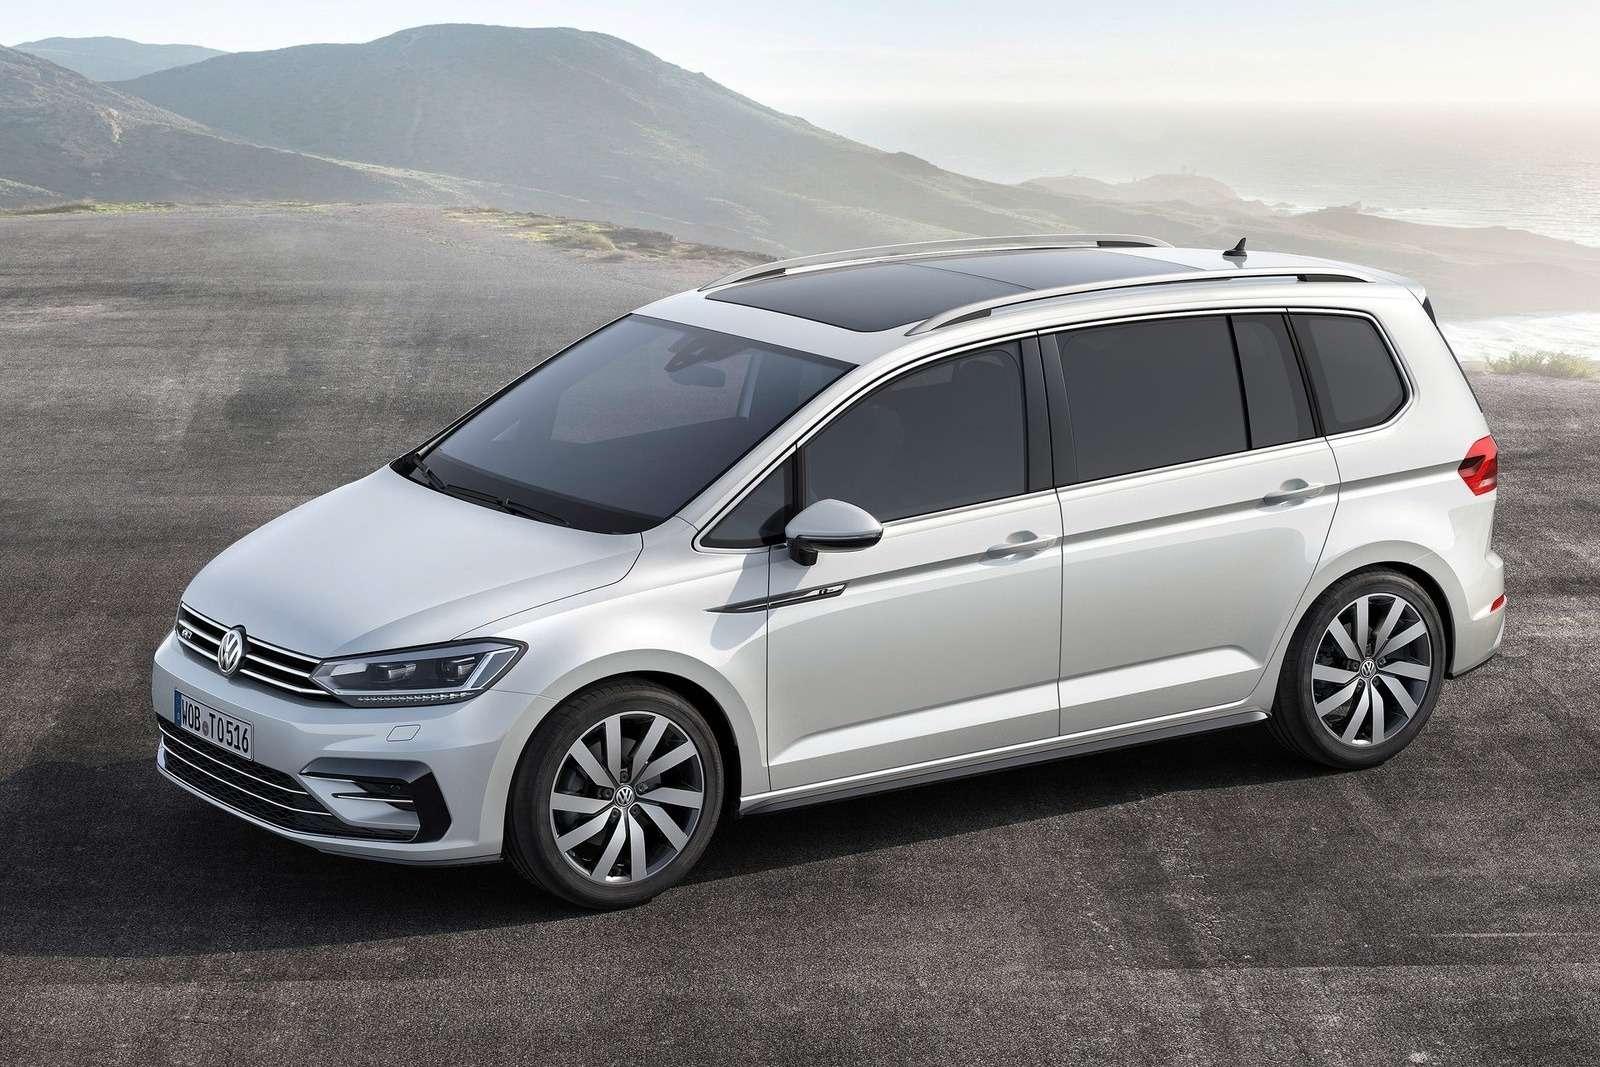 Volkswagen-Touran_2016_1600x1200_wallpaper_02